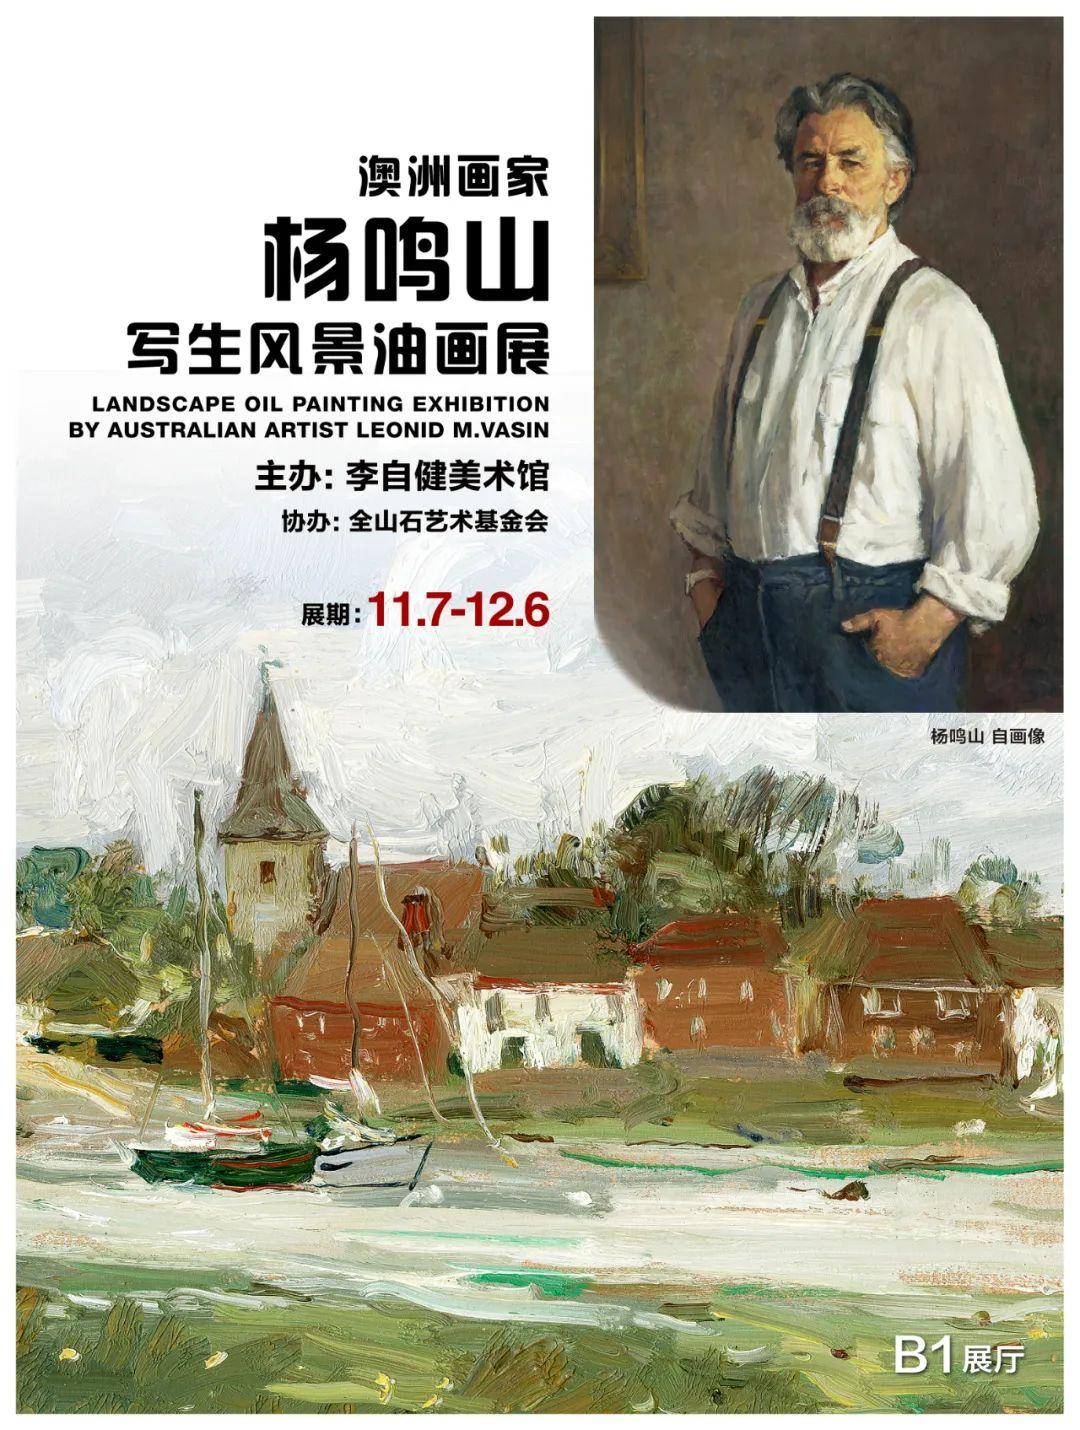 新展预告   澳洲画家杨鸣山写生风景油画展插图1